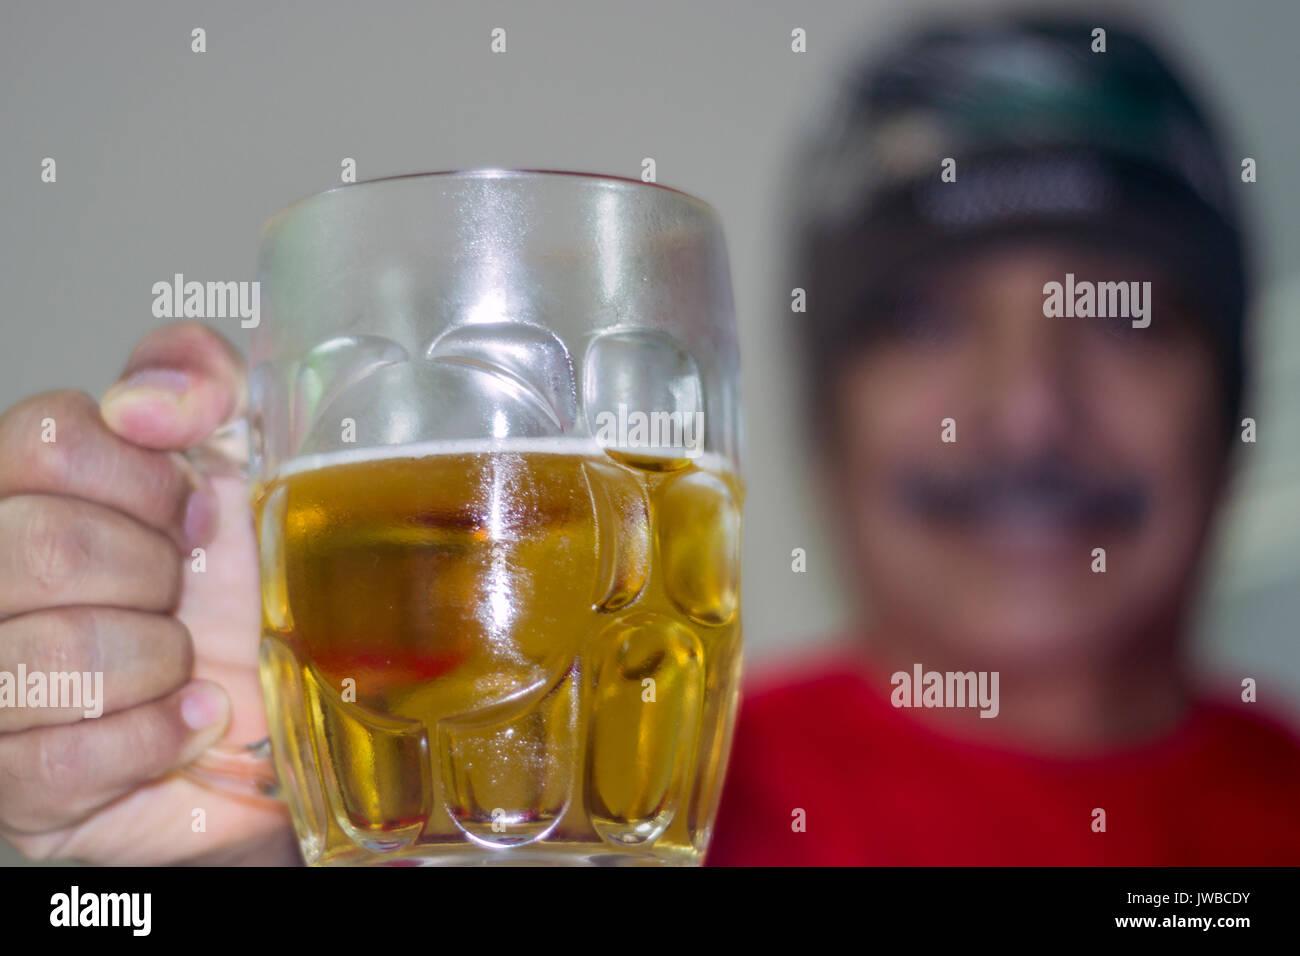 Vaso de cerveza en el cebador plano, un hombre atras desenfocado, empuñando el vaso, saludando y sonriendo, toma horizontal Imagen De Stock